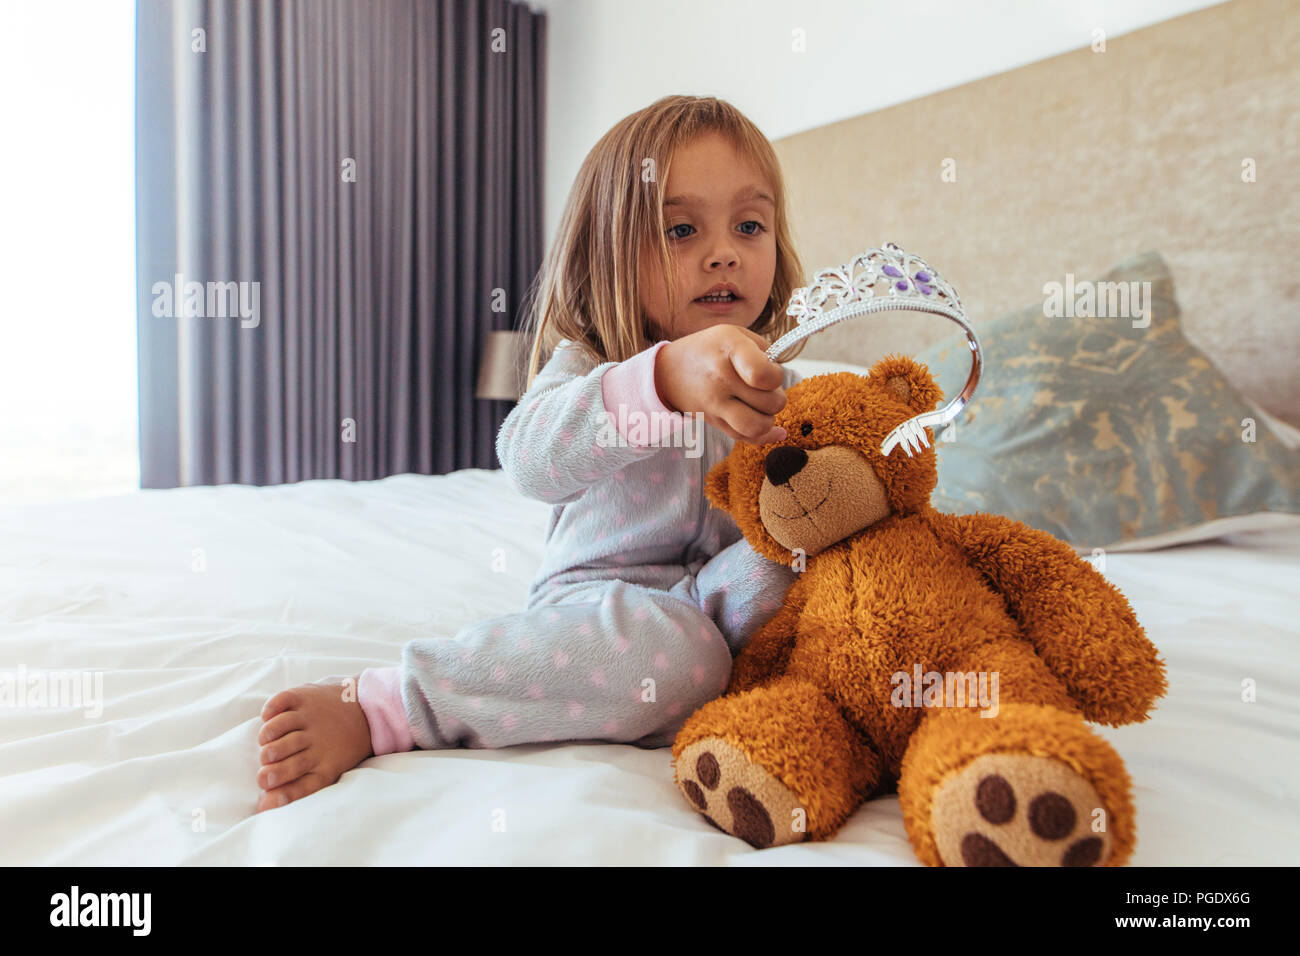 Giovane ragazza innocente mettendo una corona sul suo orsacchiotto di peluche. Bambina gioca con il suo giocattolo morbido. Immagini Stock